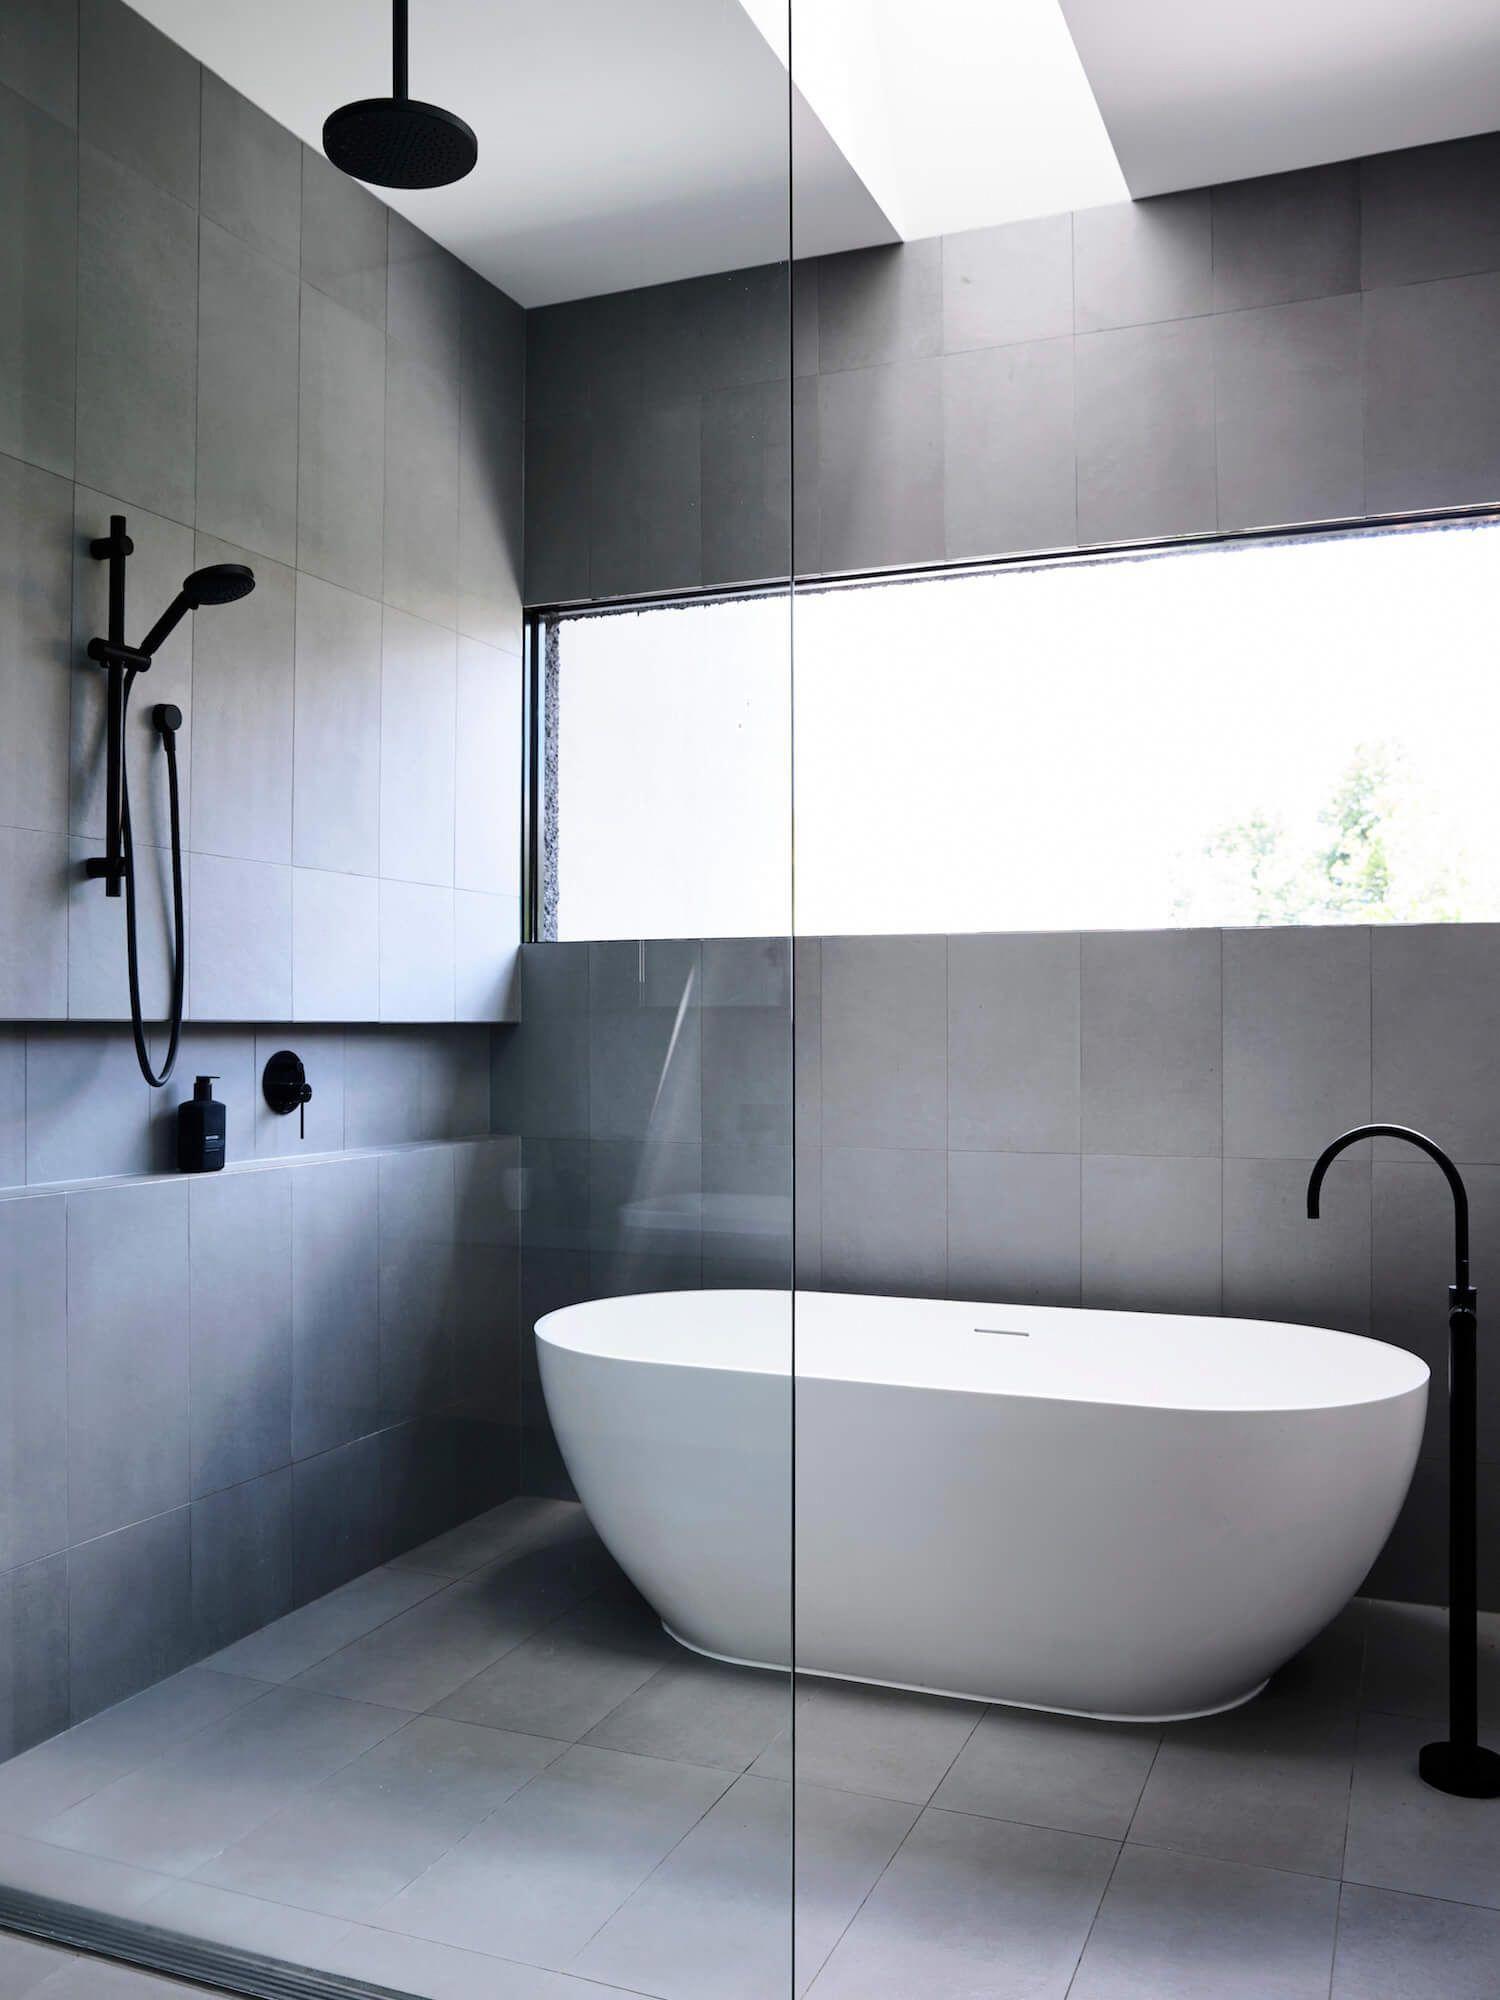 Badezimmer Remodeling Luxusbad Begehbaredusche Idee Salle De Bain Salle De Bain Tendance Idees Salle De Bain